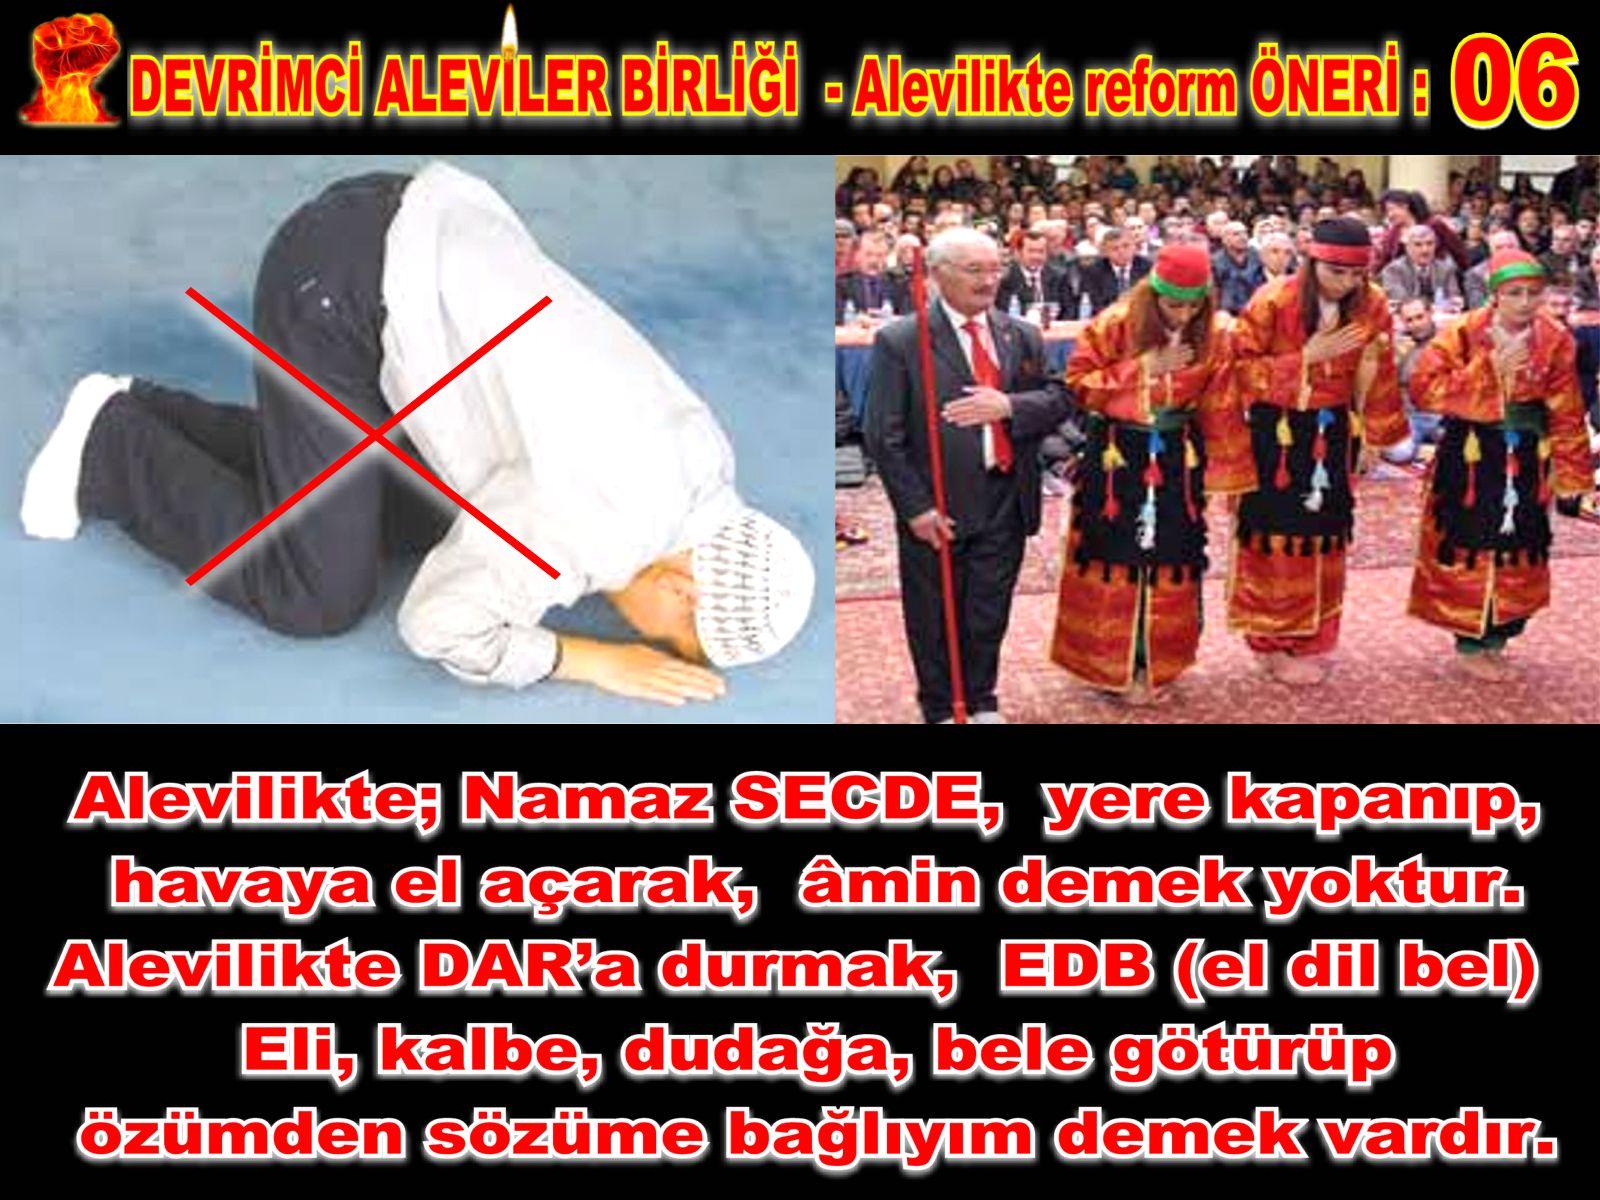 Devrimci Aleviler Birliği DAB Alevi Kızılbaş Bektaşi pir sultan cem hz Ali 12 imam semah Feramuz Şah Acar REFOM oneri6